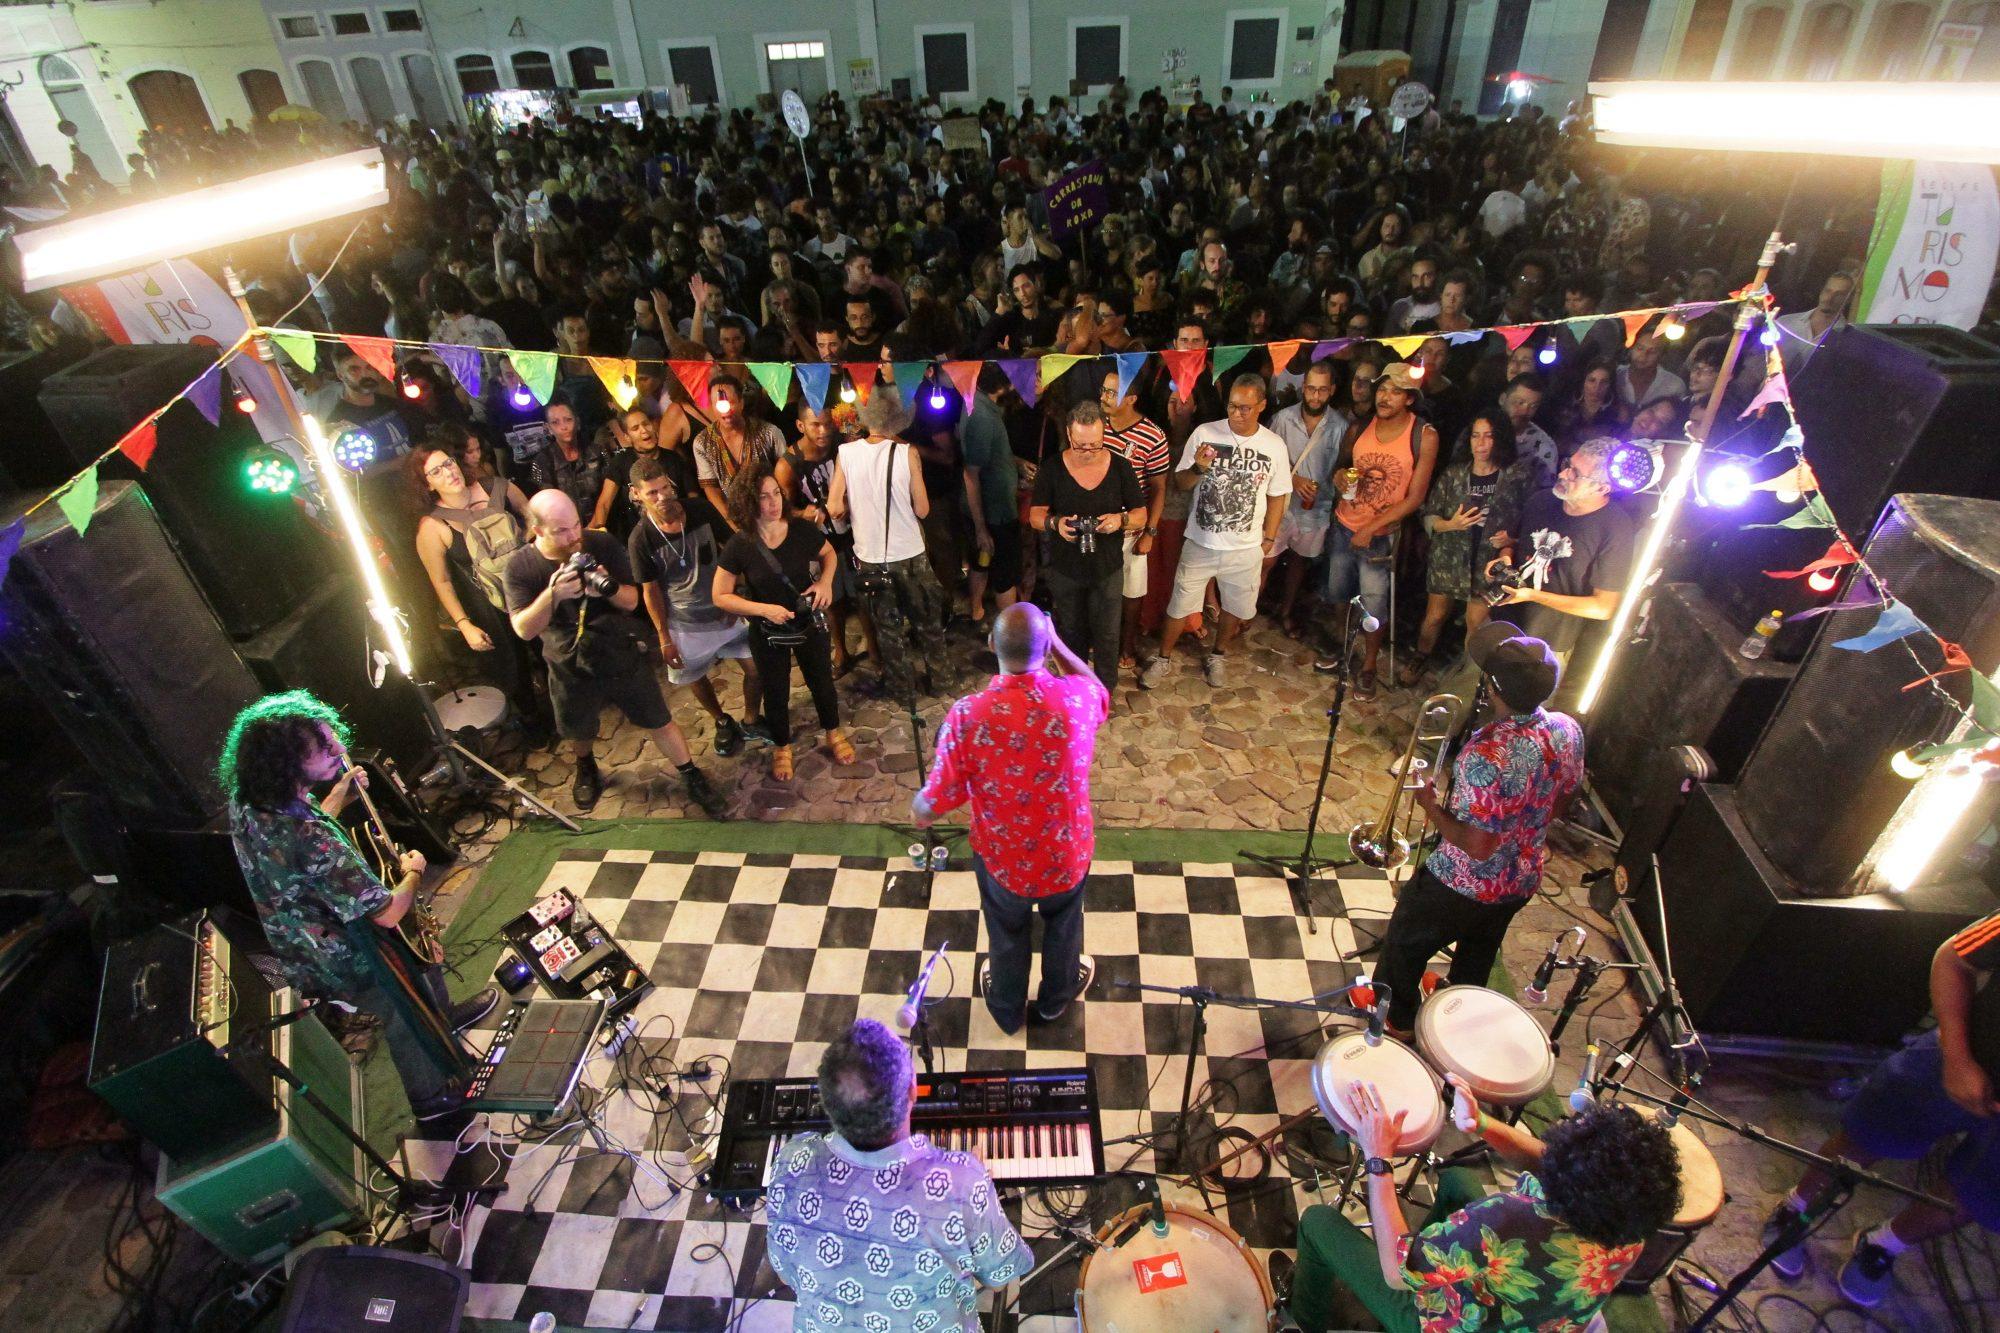 A memória pavimenta novos tempos no Pátio de São Pedro, em Recife